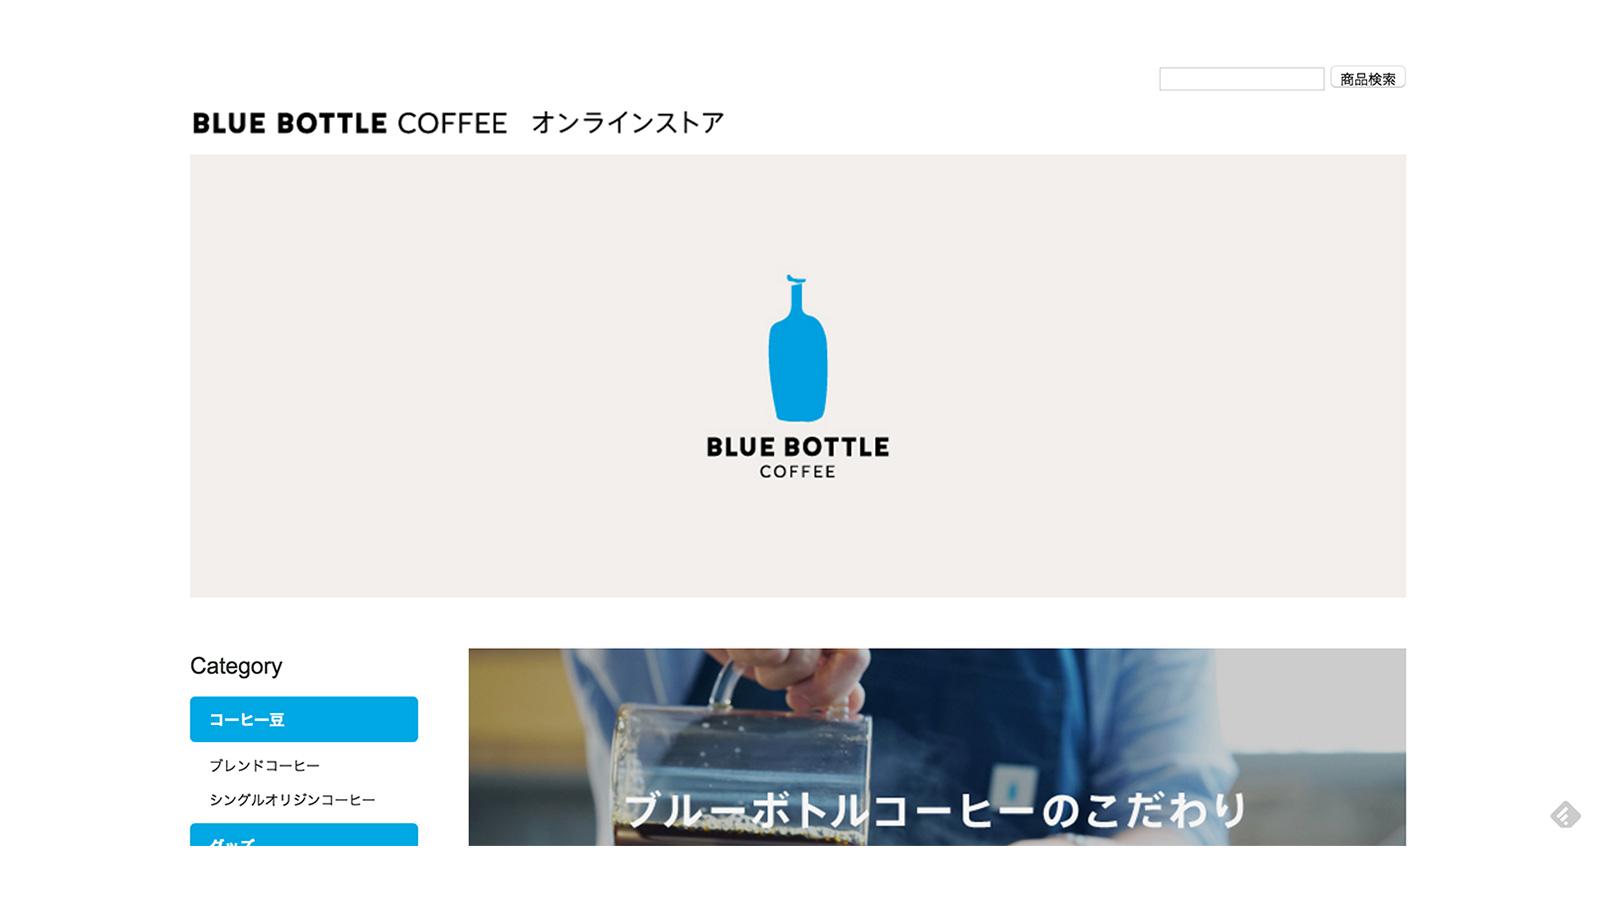 ブルー・ボトル・コーヒーが自宅でも楽しめるようになりました